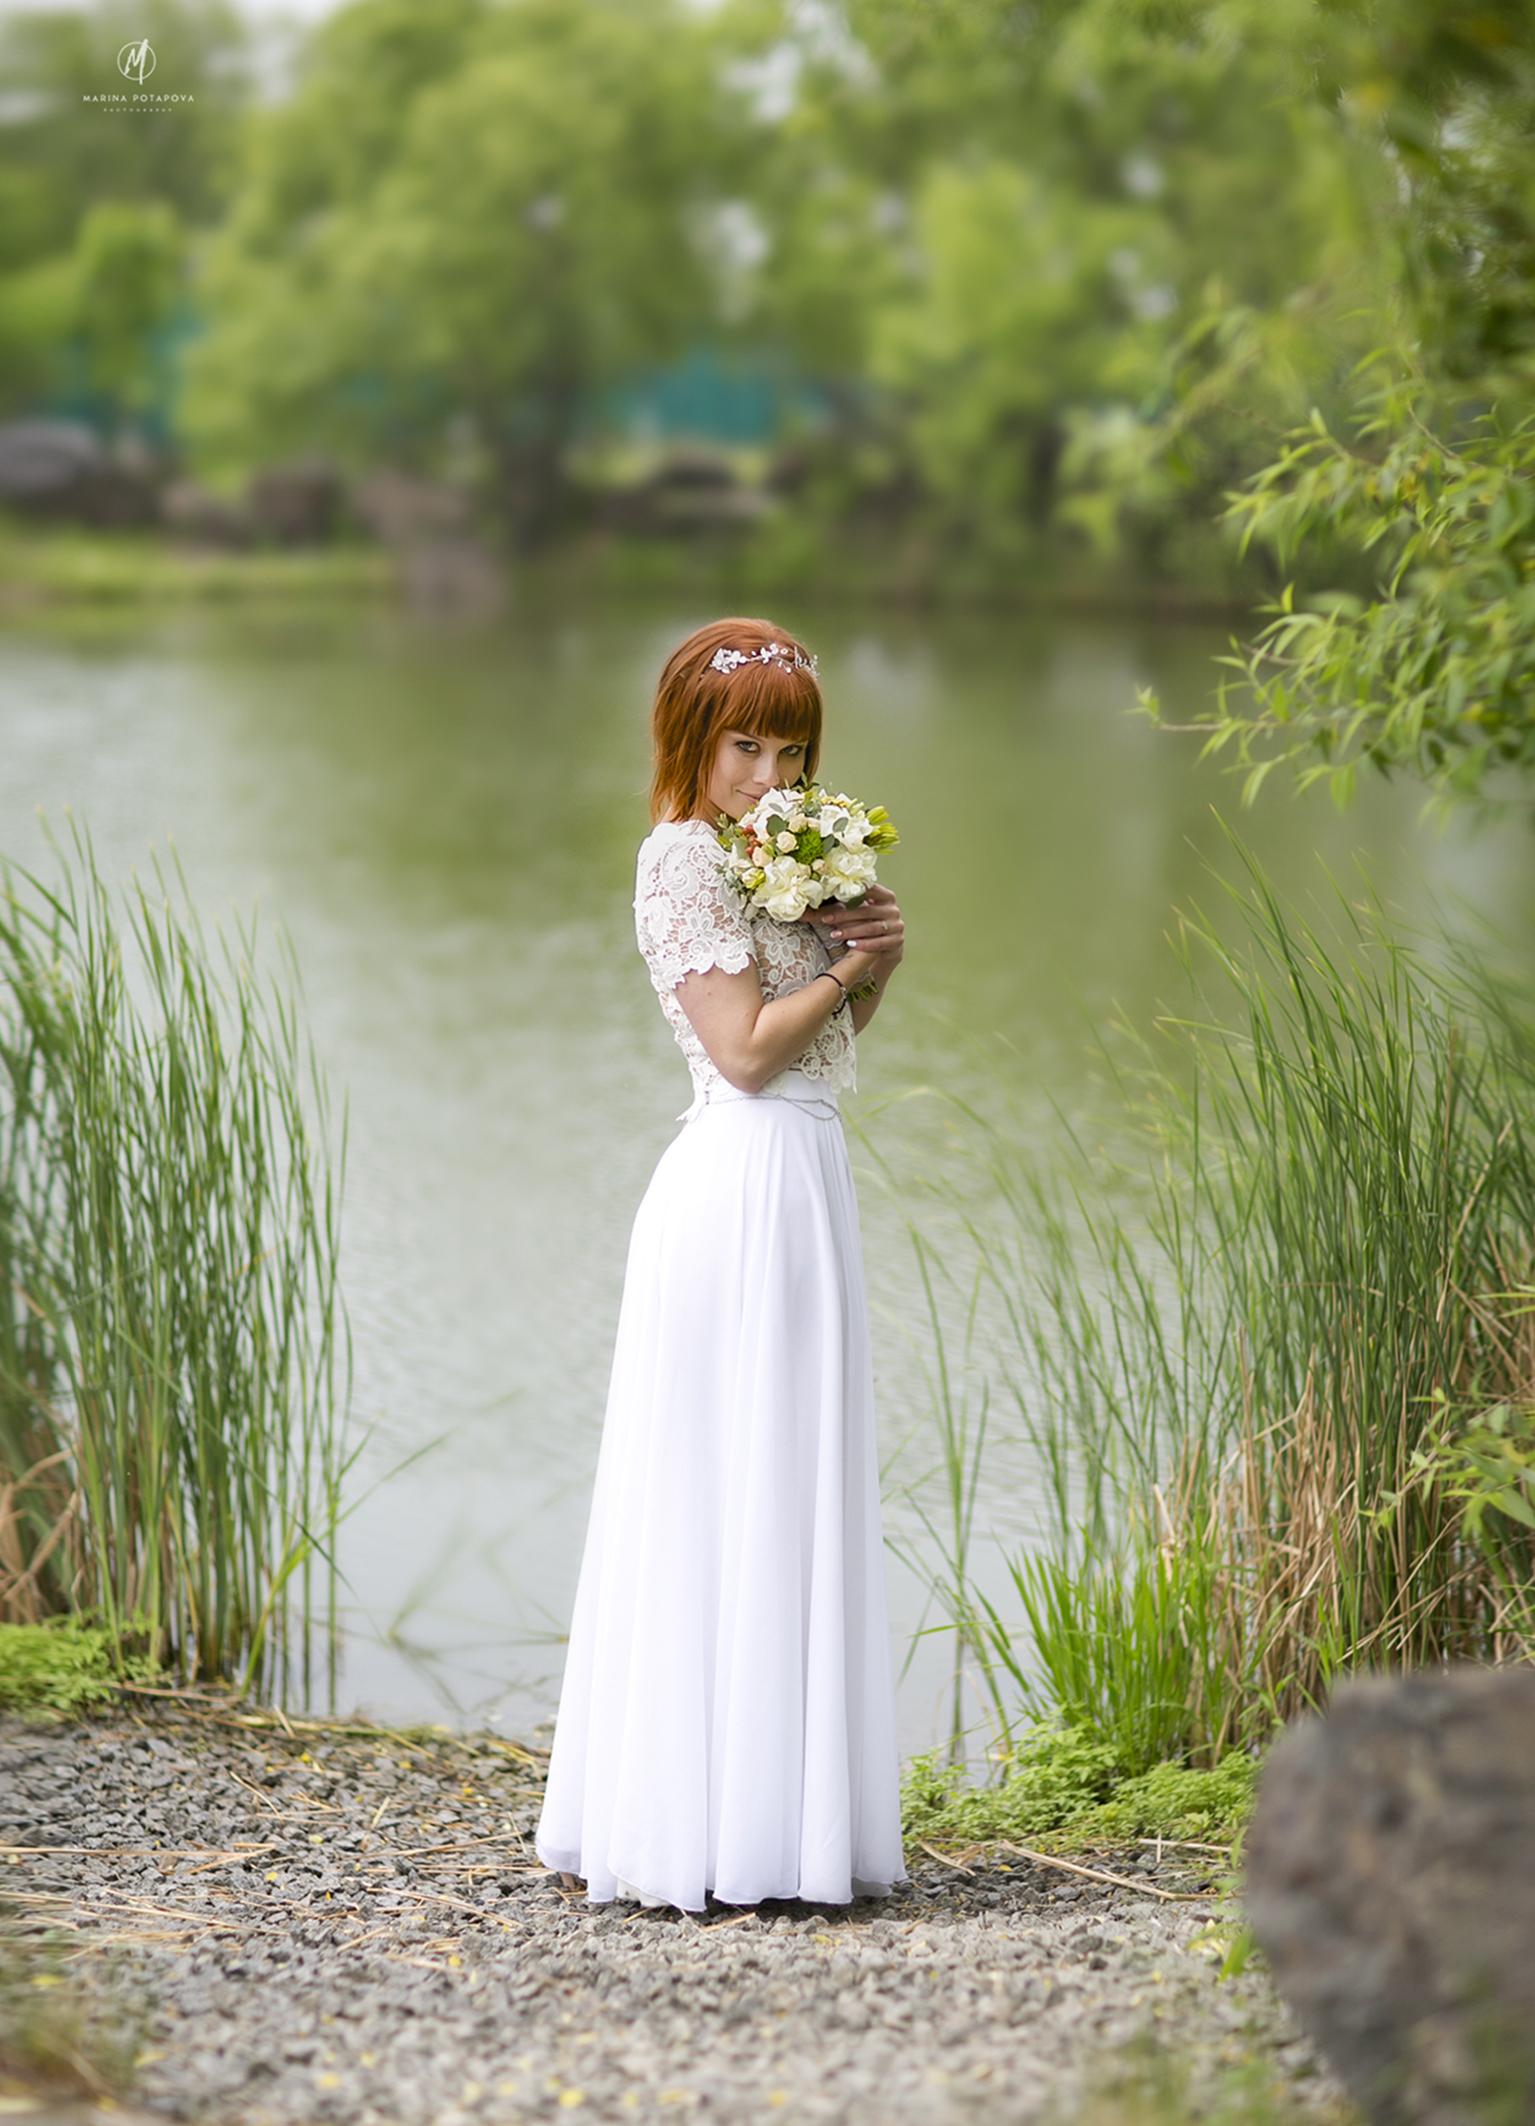 Марина Потапова в Хабаровске